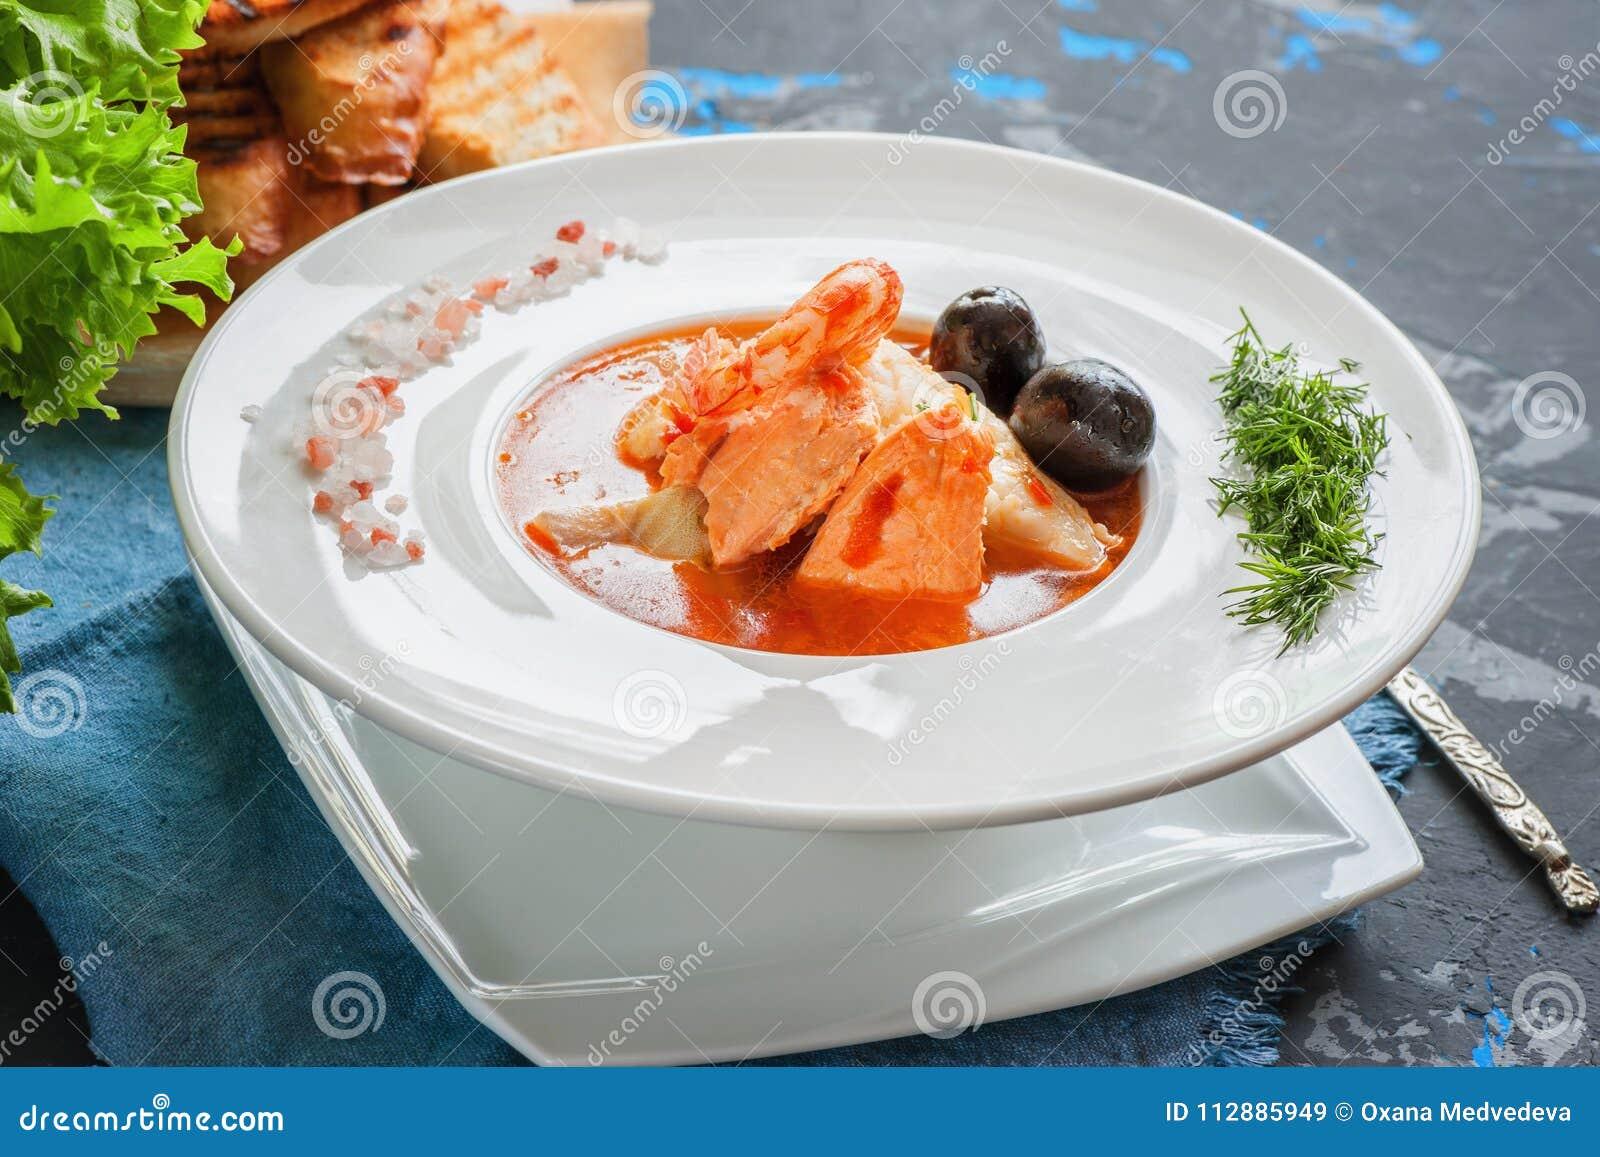 Franskan fiskar soppabouillabaissen med skaldjur, laxfilén, räka, rich anstrykning, läcker matställe i en härlig vit